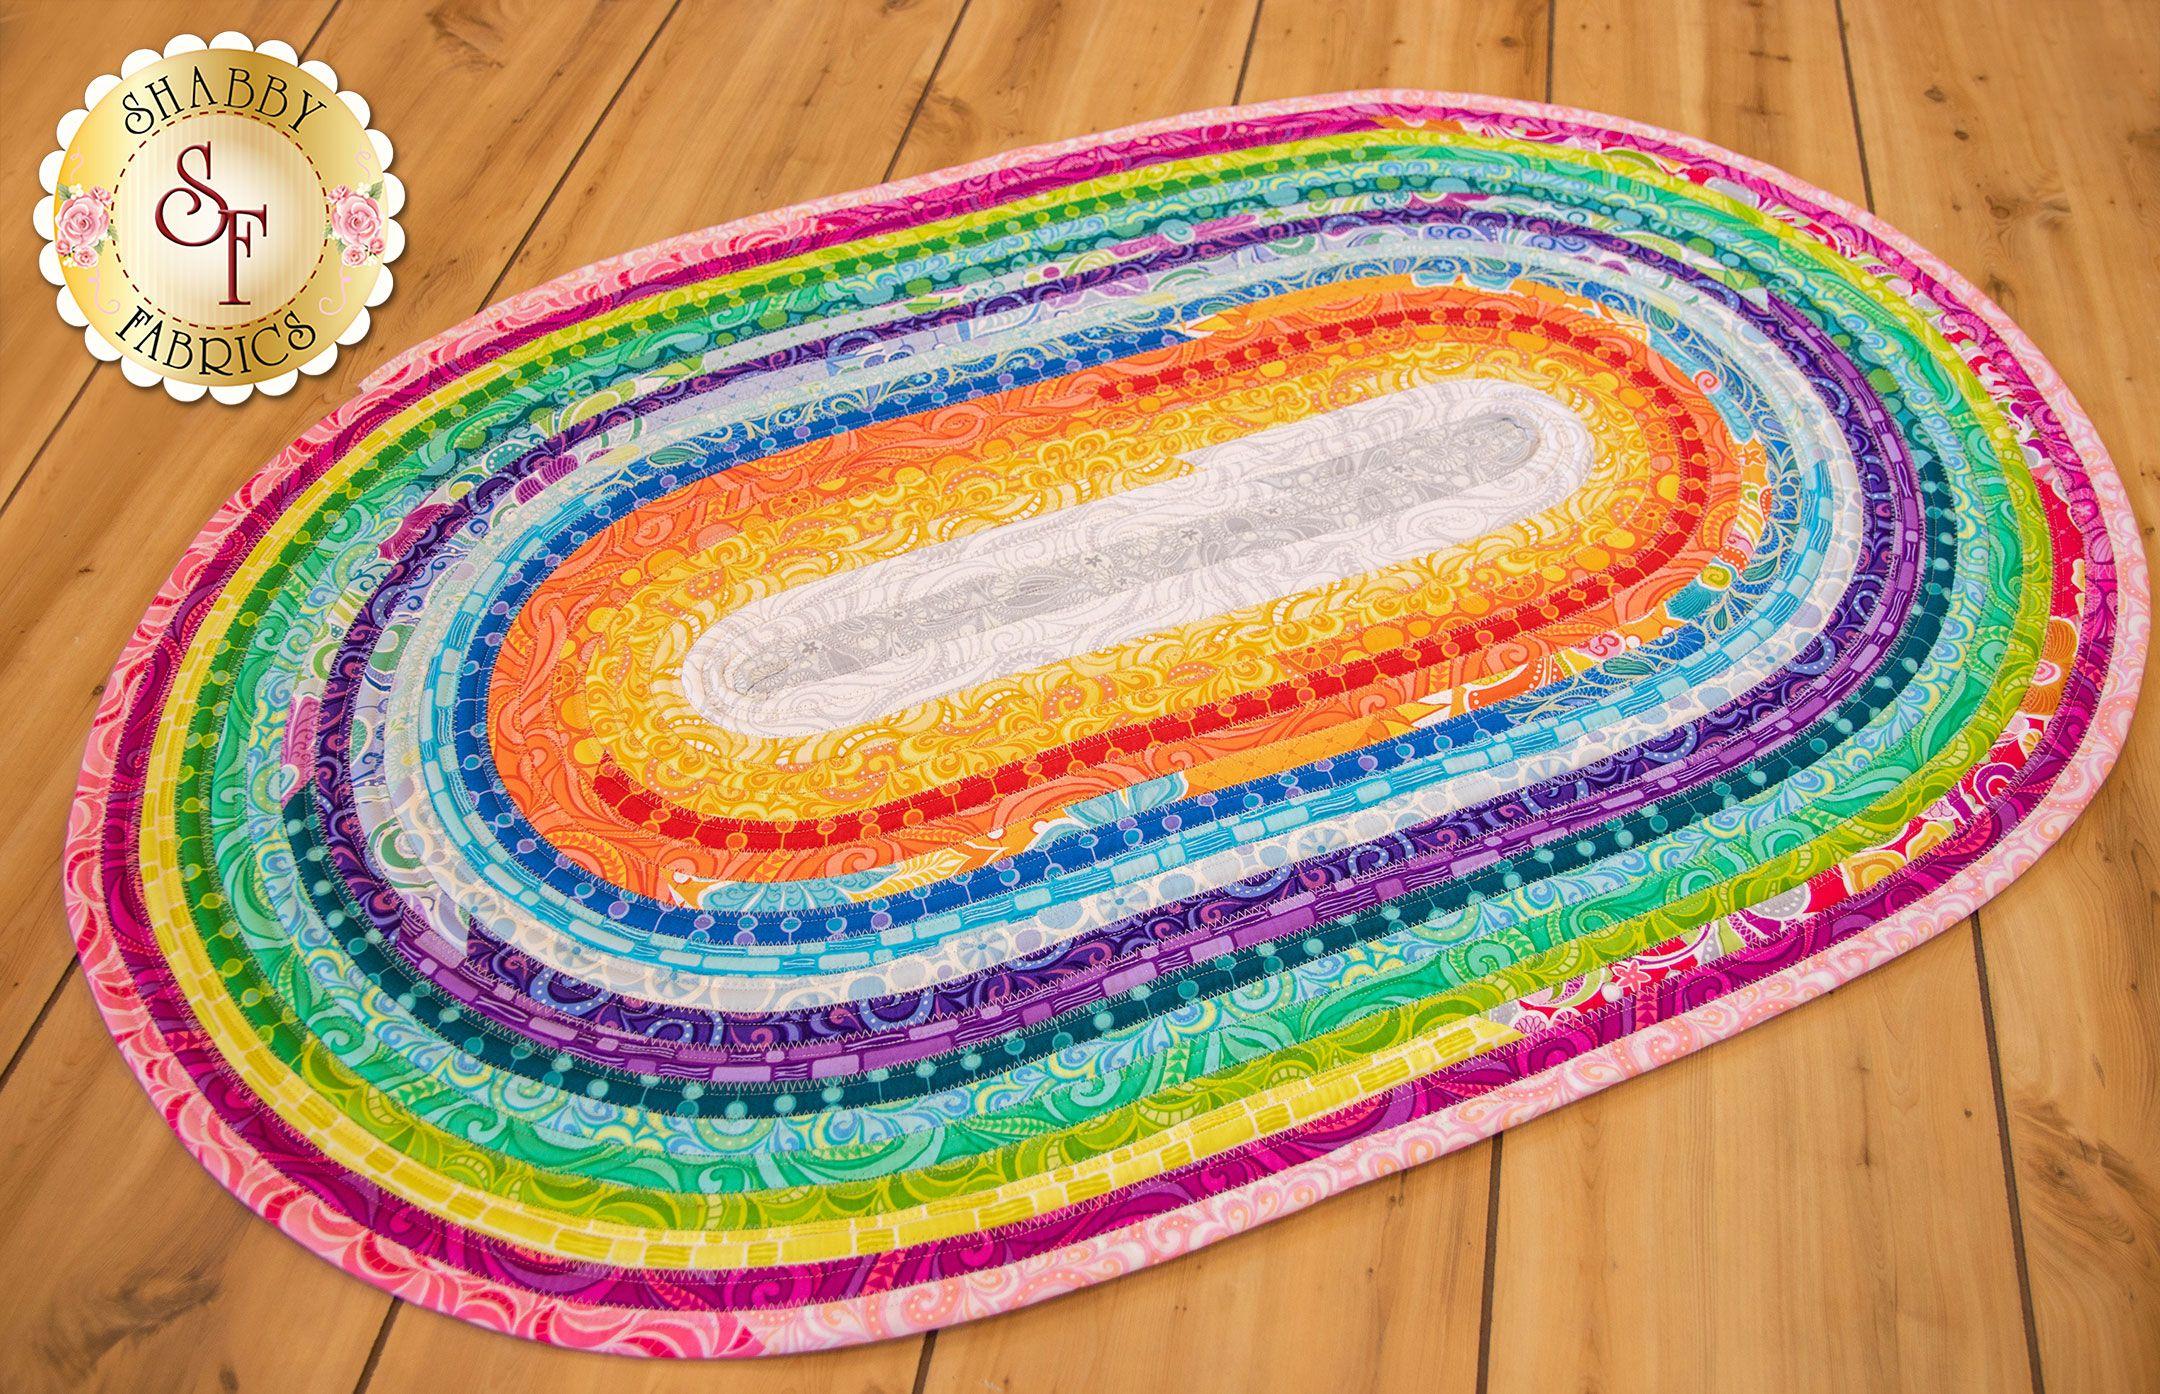 Rainbow Jelly Roll Rug